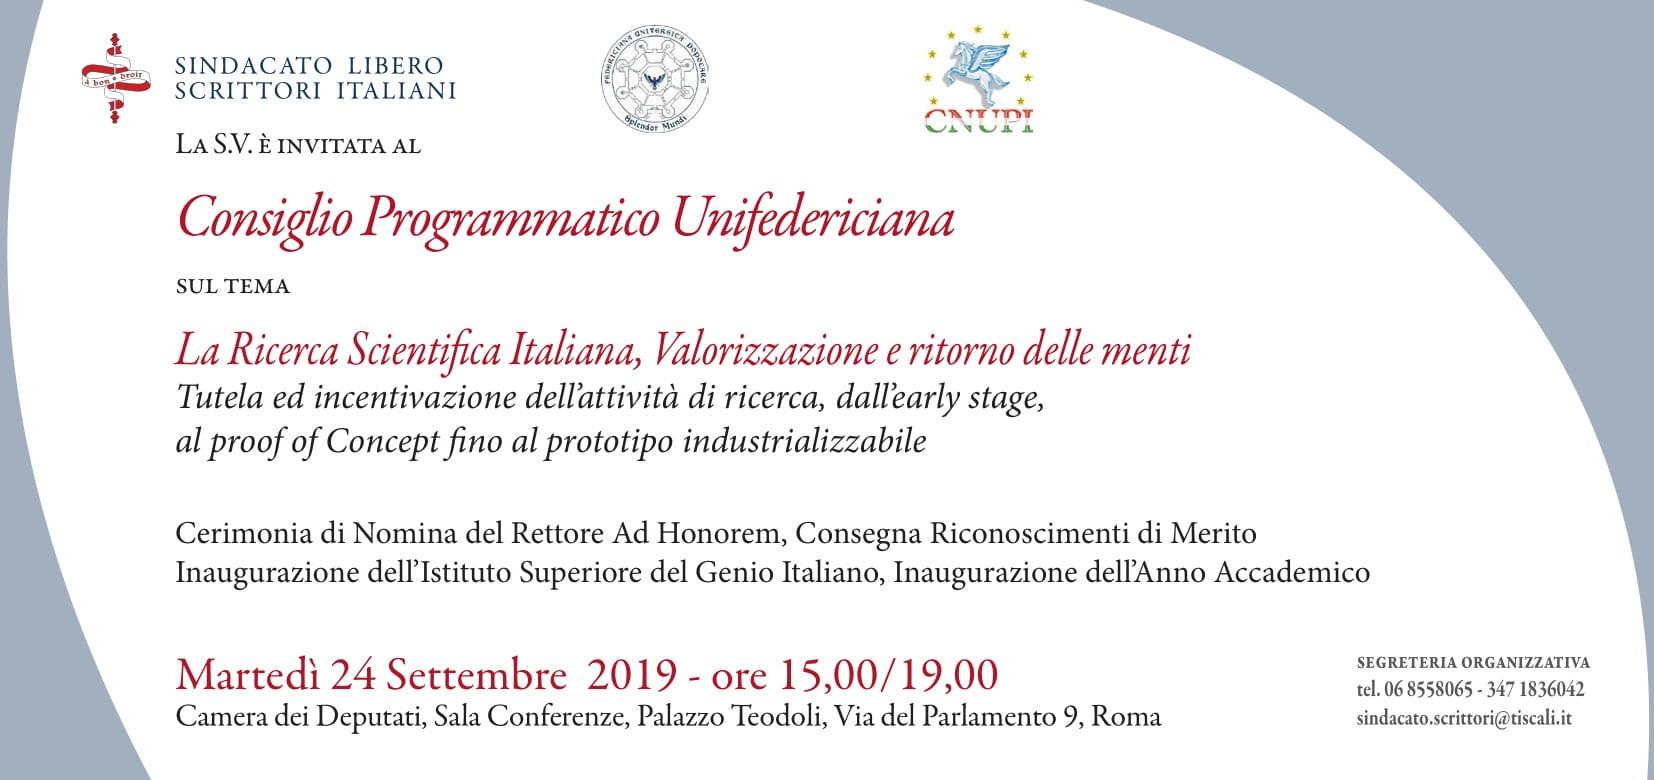 Consiglio Programmatico Unifedericiana – La Ricerca Scientifica Italiana, Valorizzazione e ritorno delle menti | Roma 24.09.2019